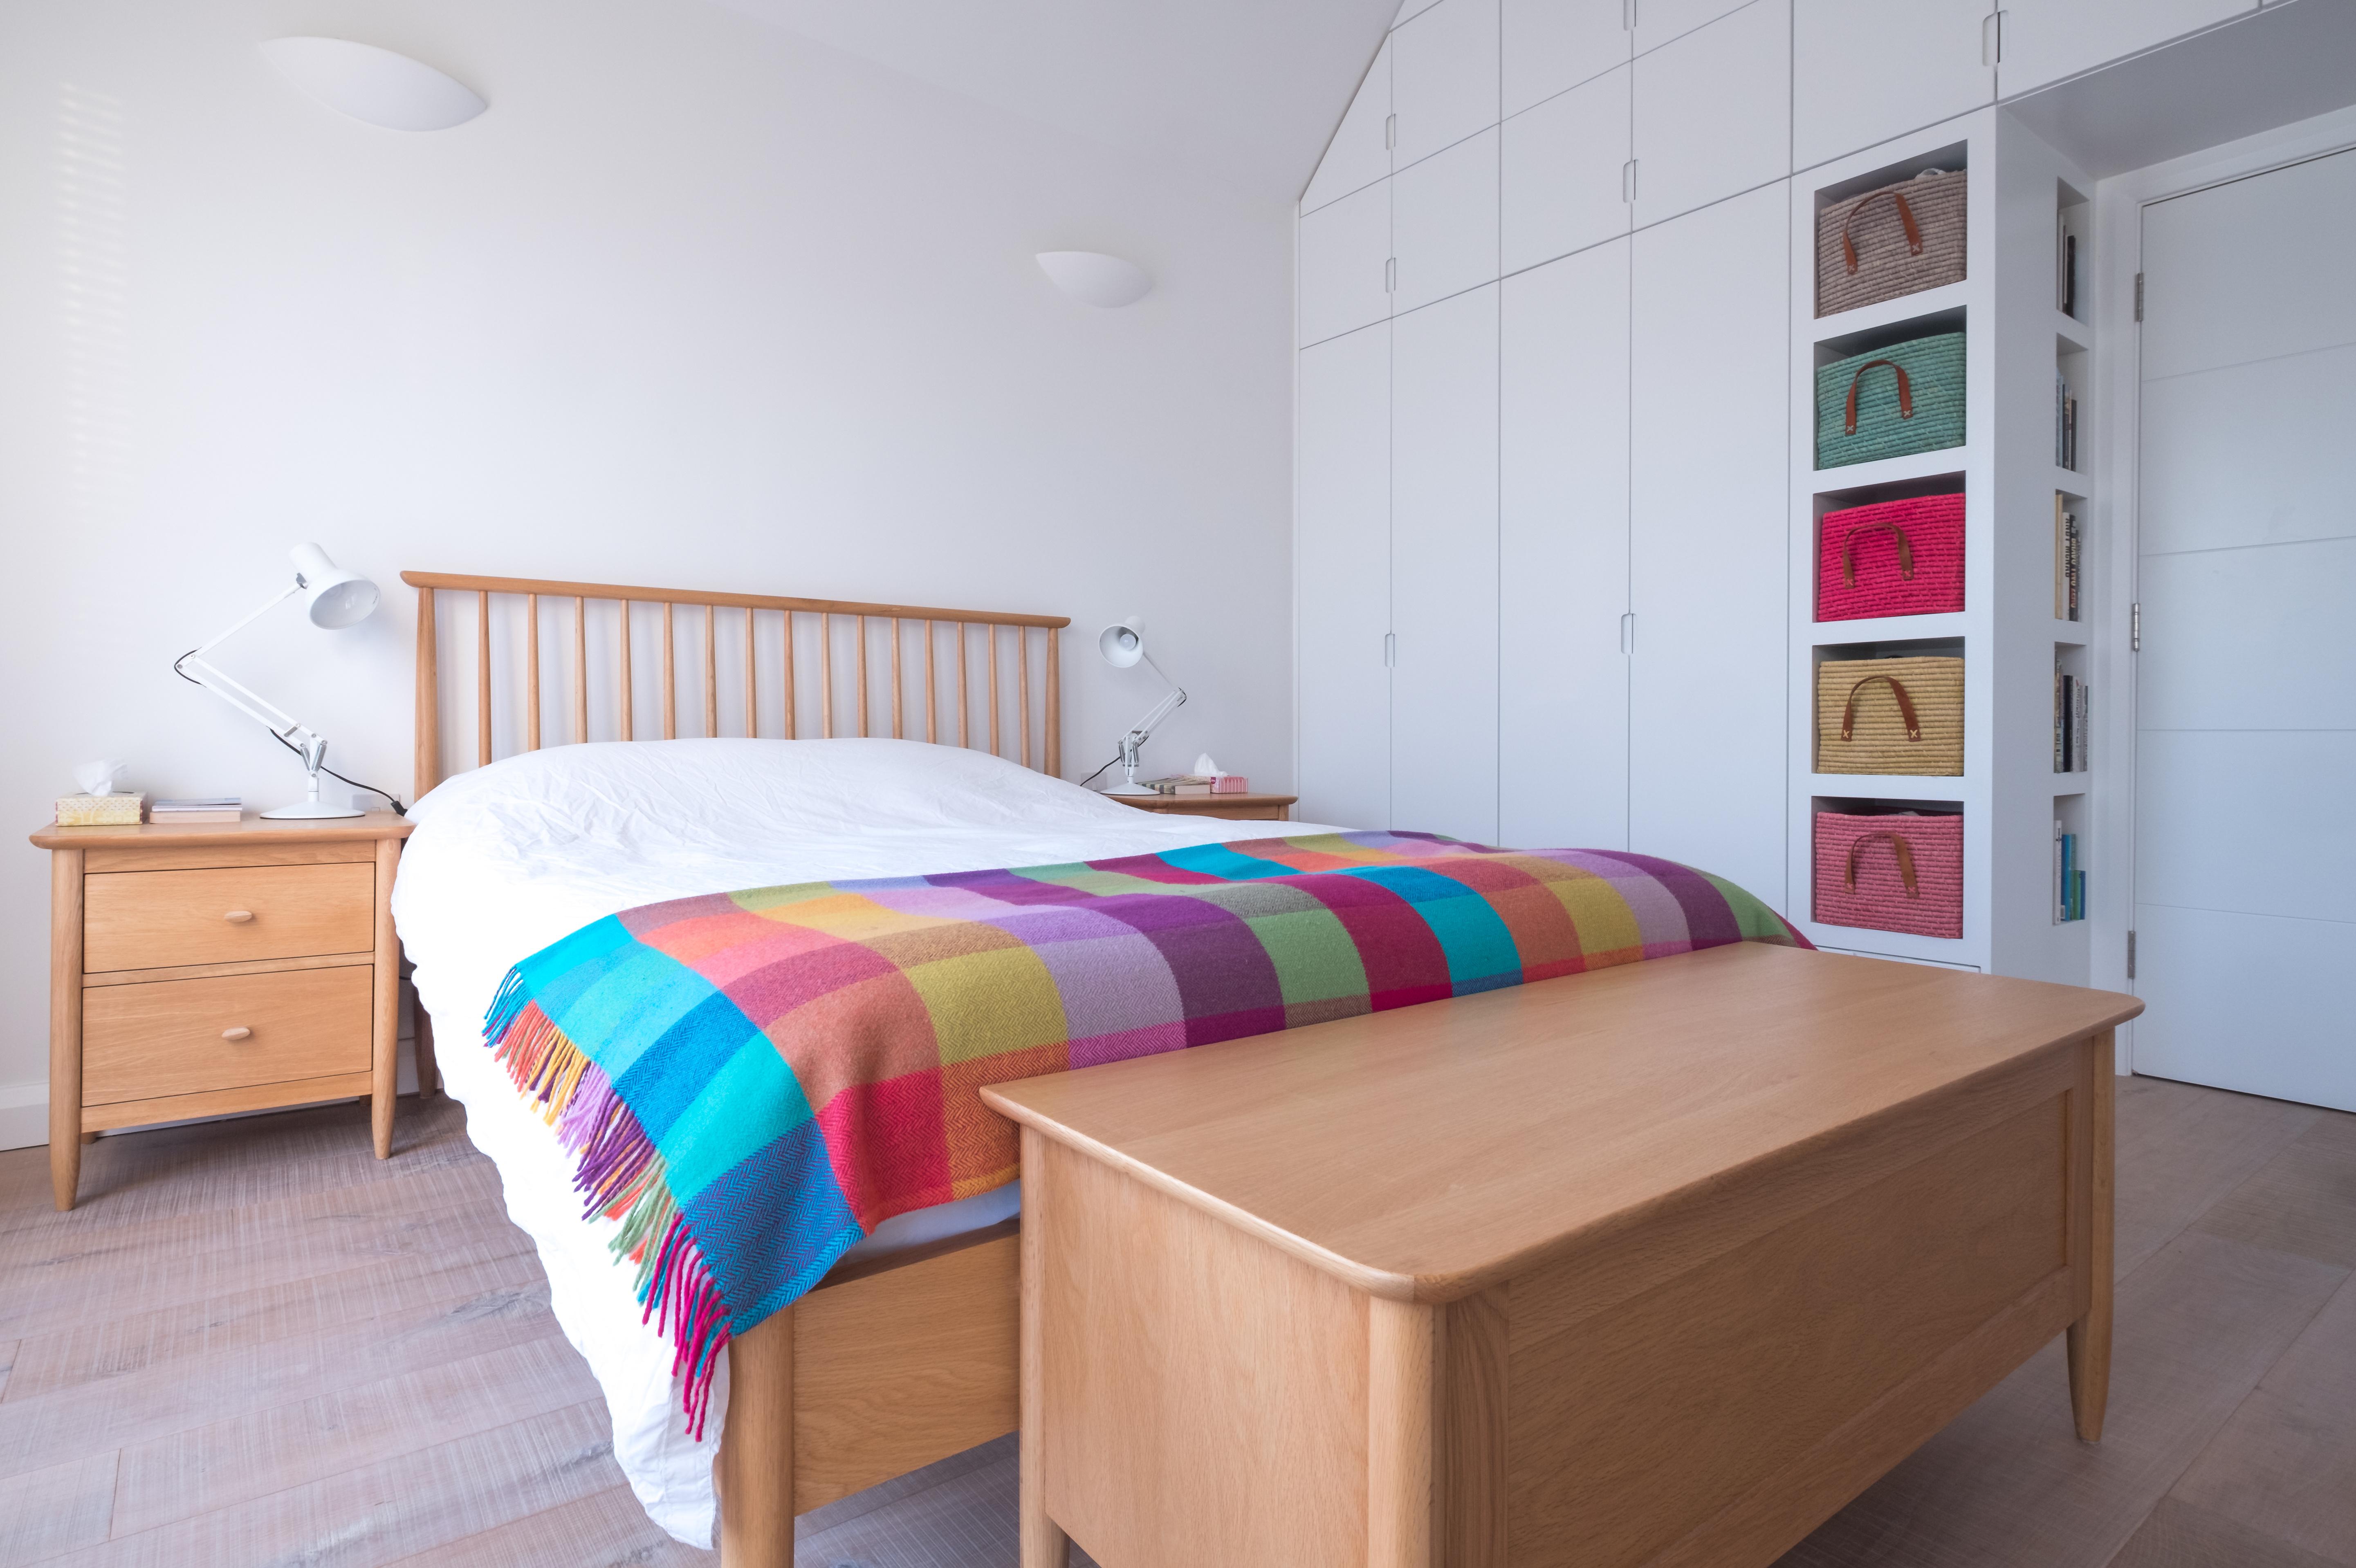 Avoir une chambre apaisante : les astuces